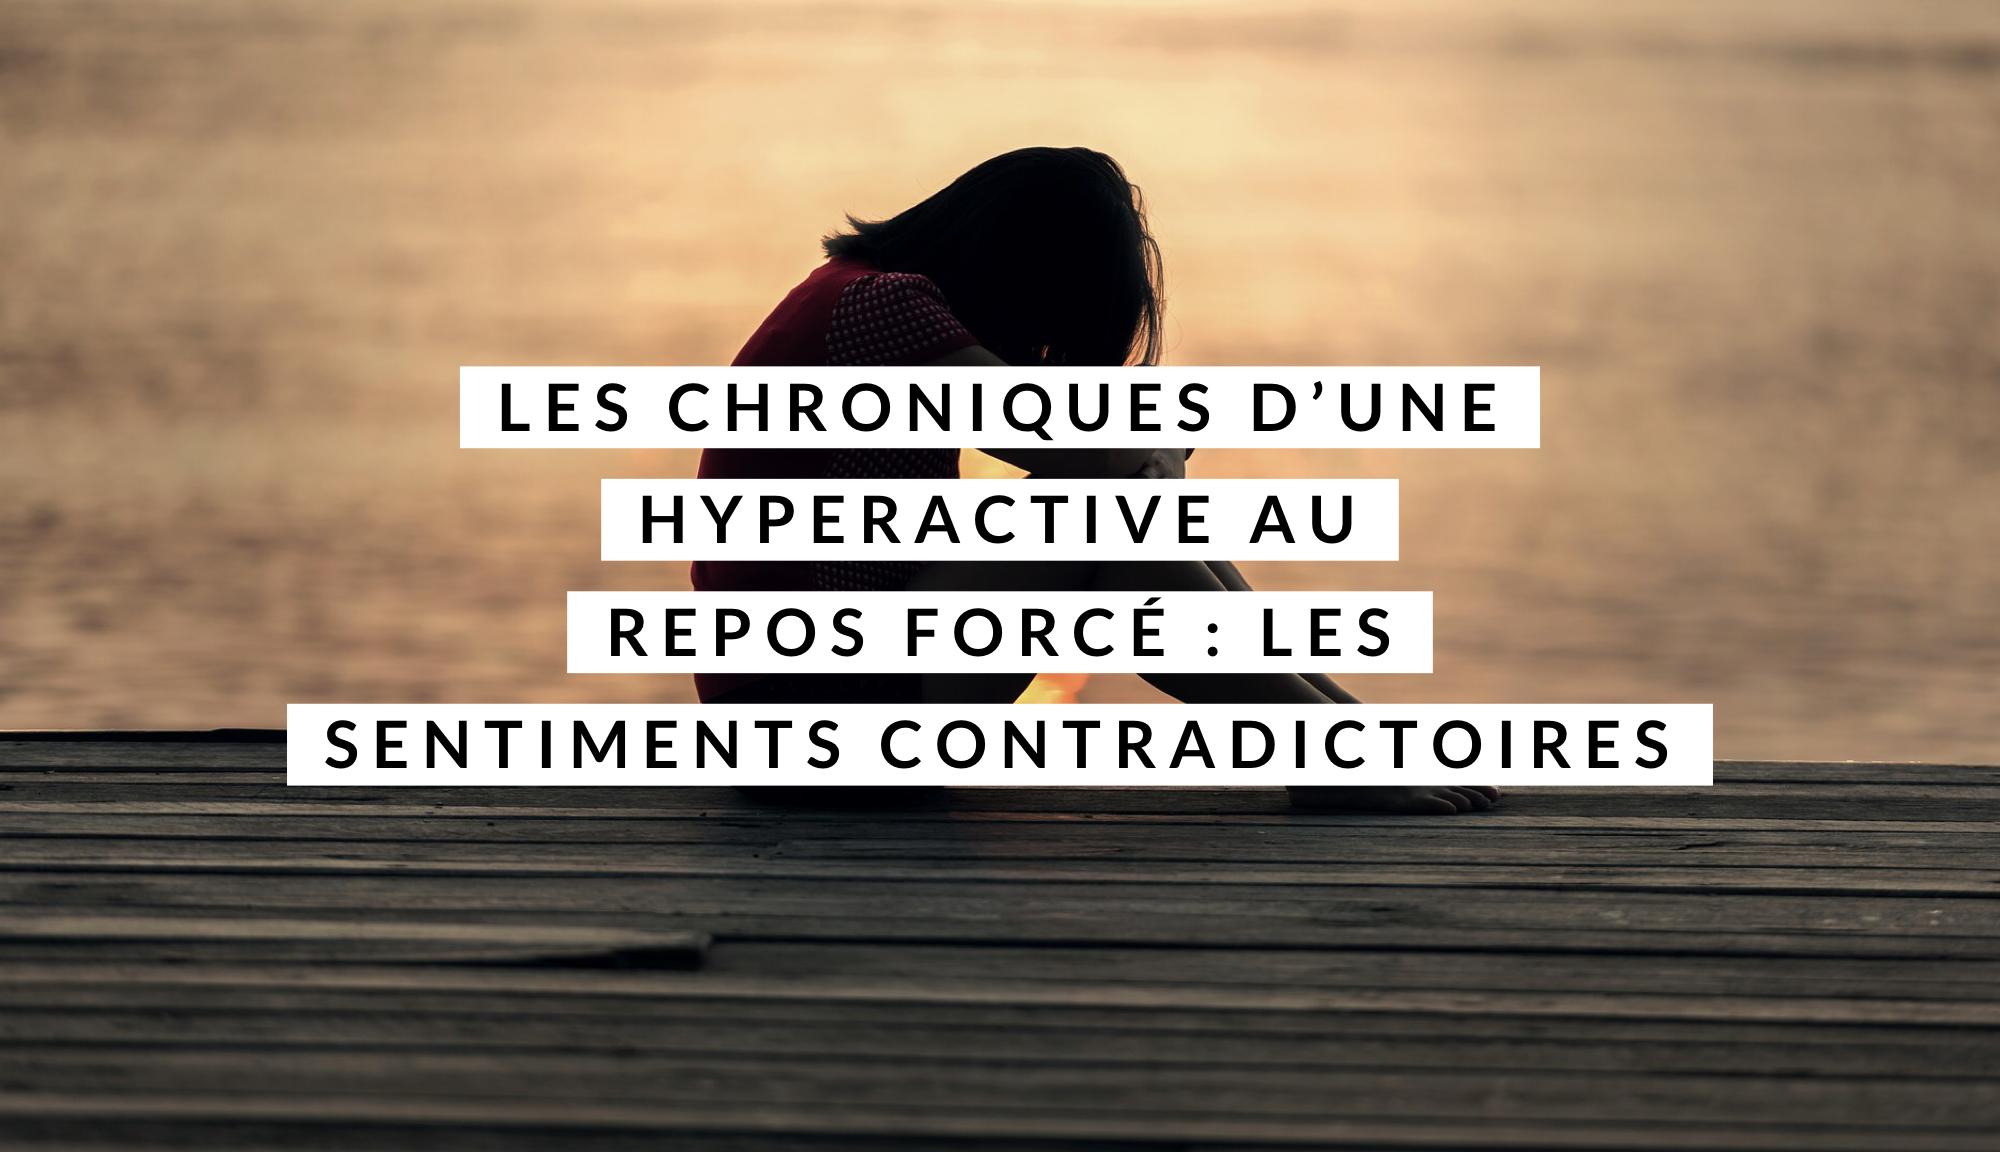 Chroniques d'une hyperactive au repos forcé : les sentiments contradictoires